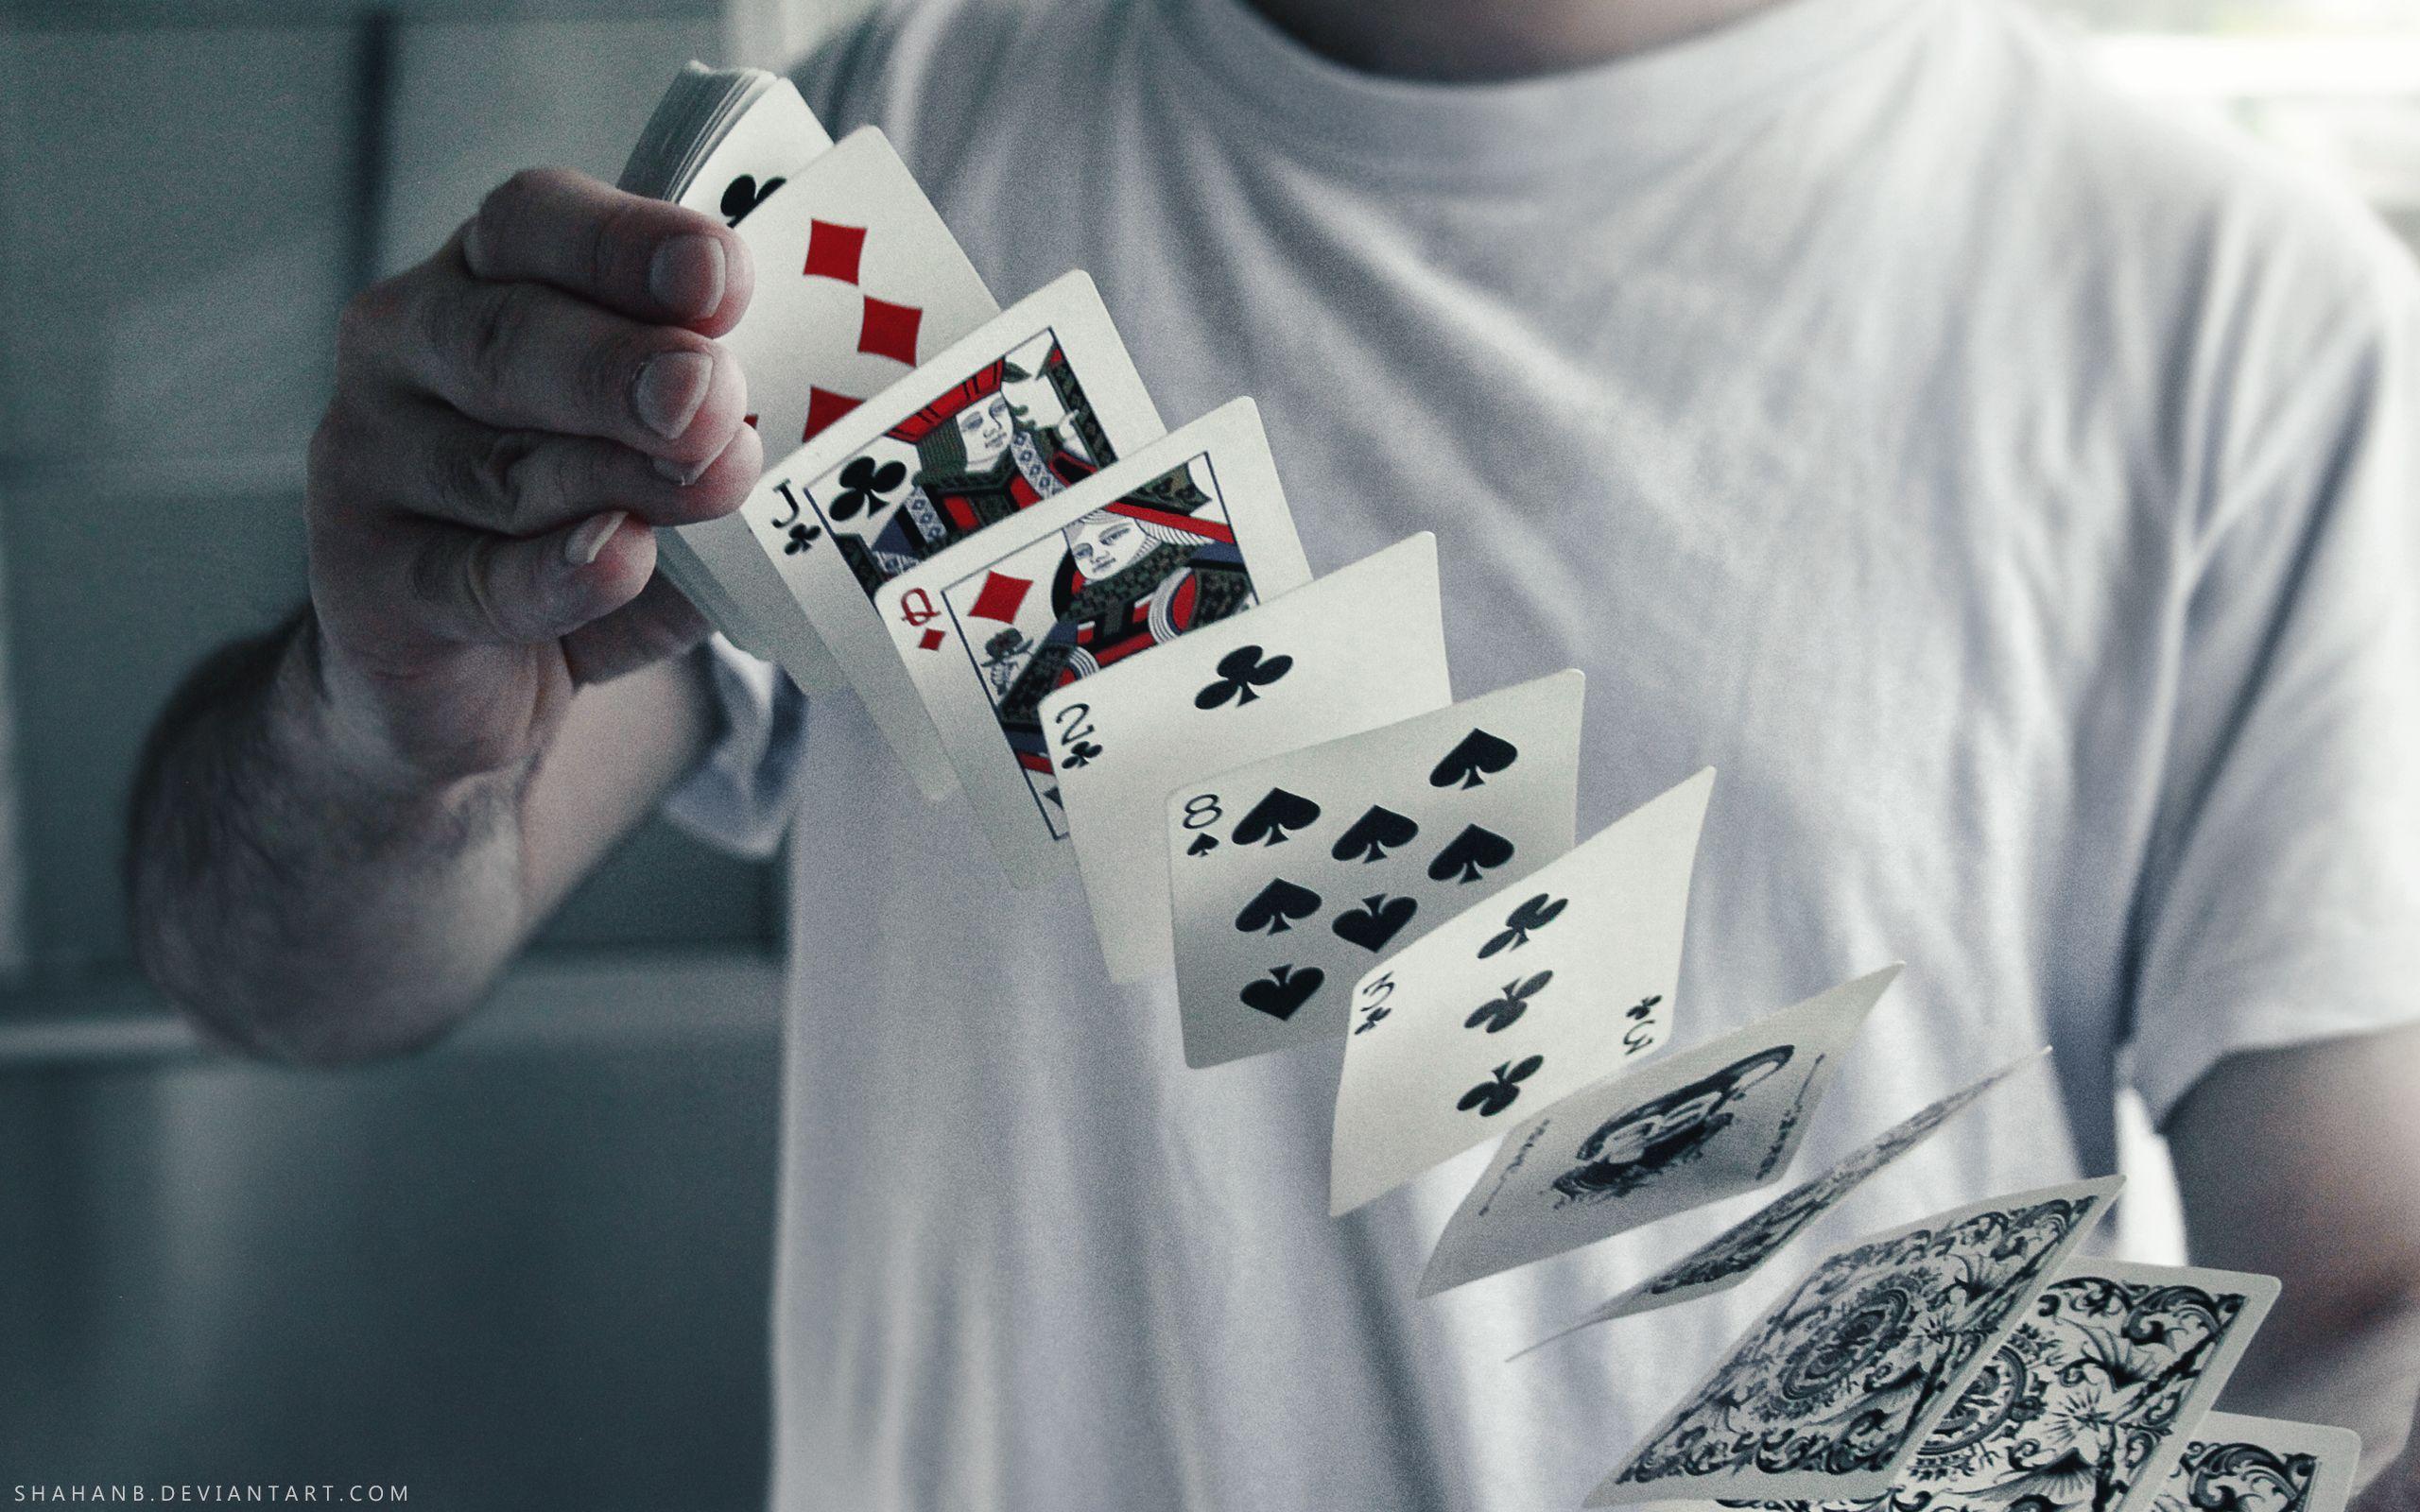 Black ice hardcore playing cards